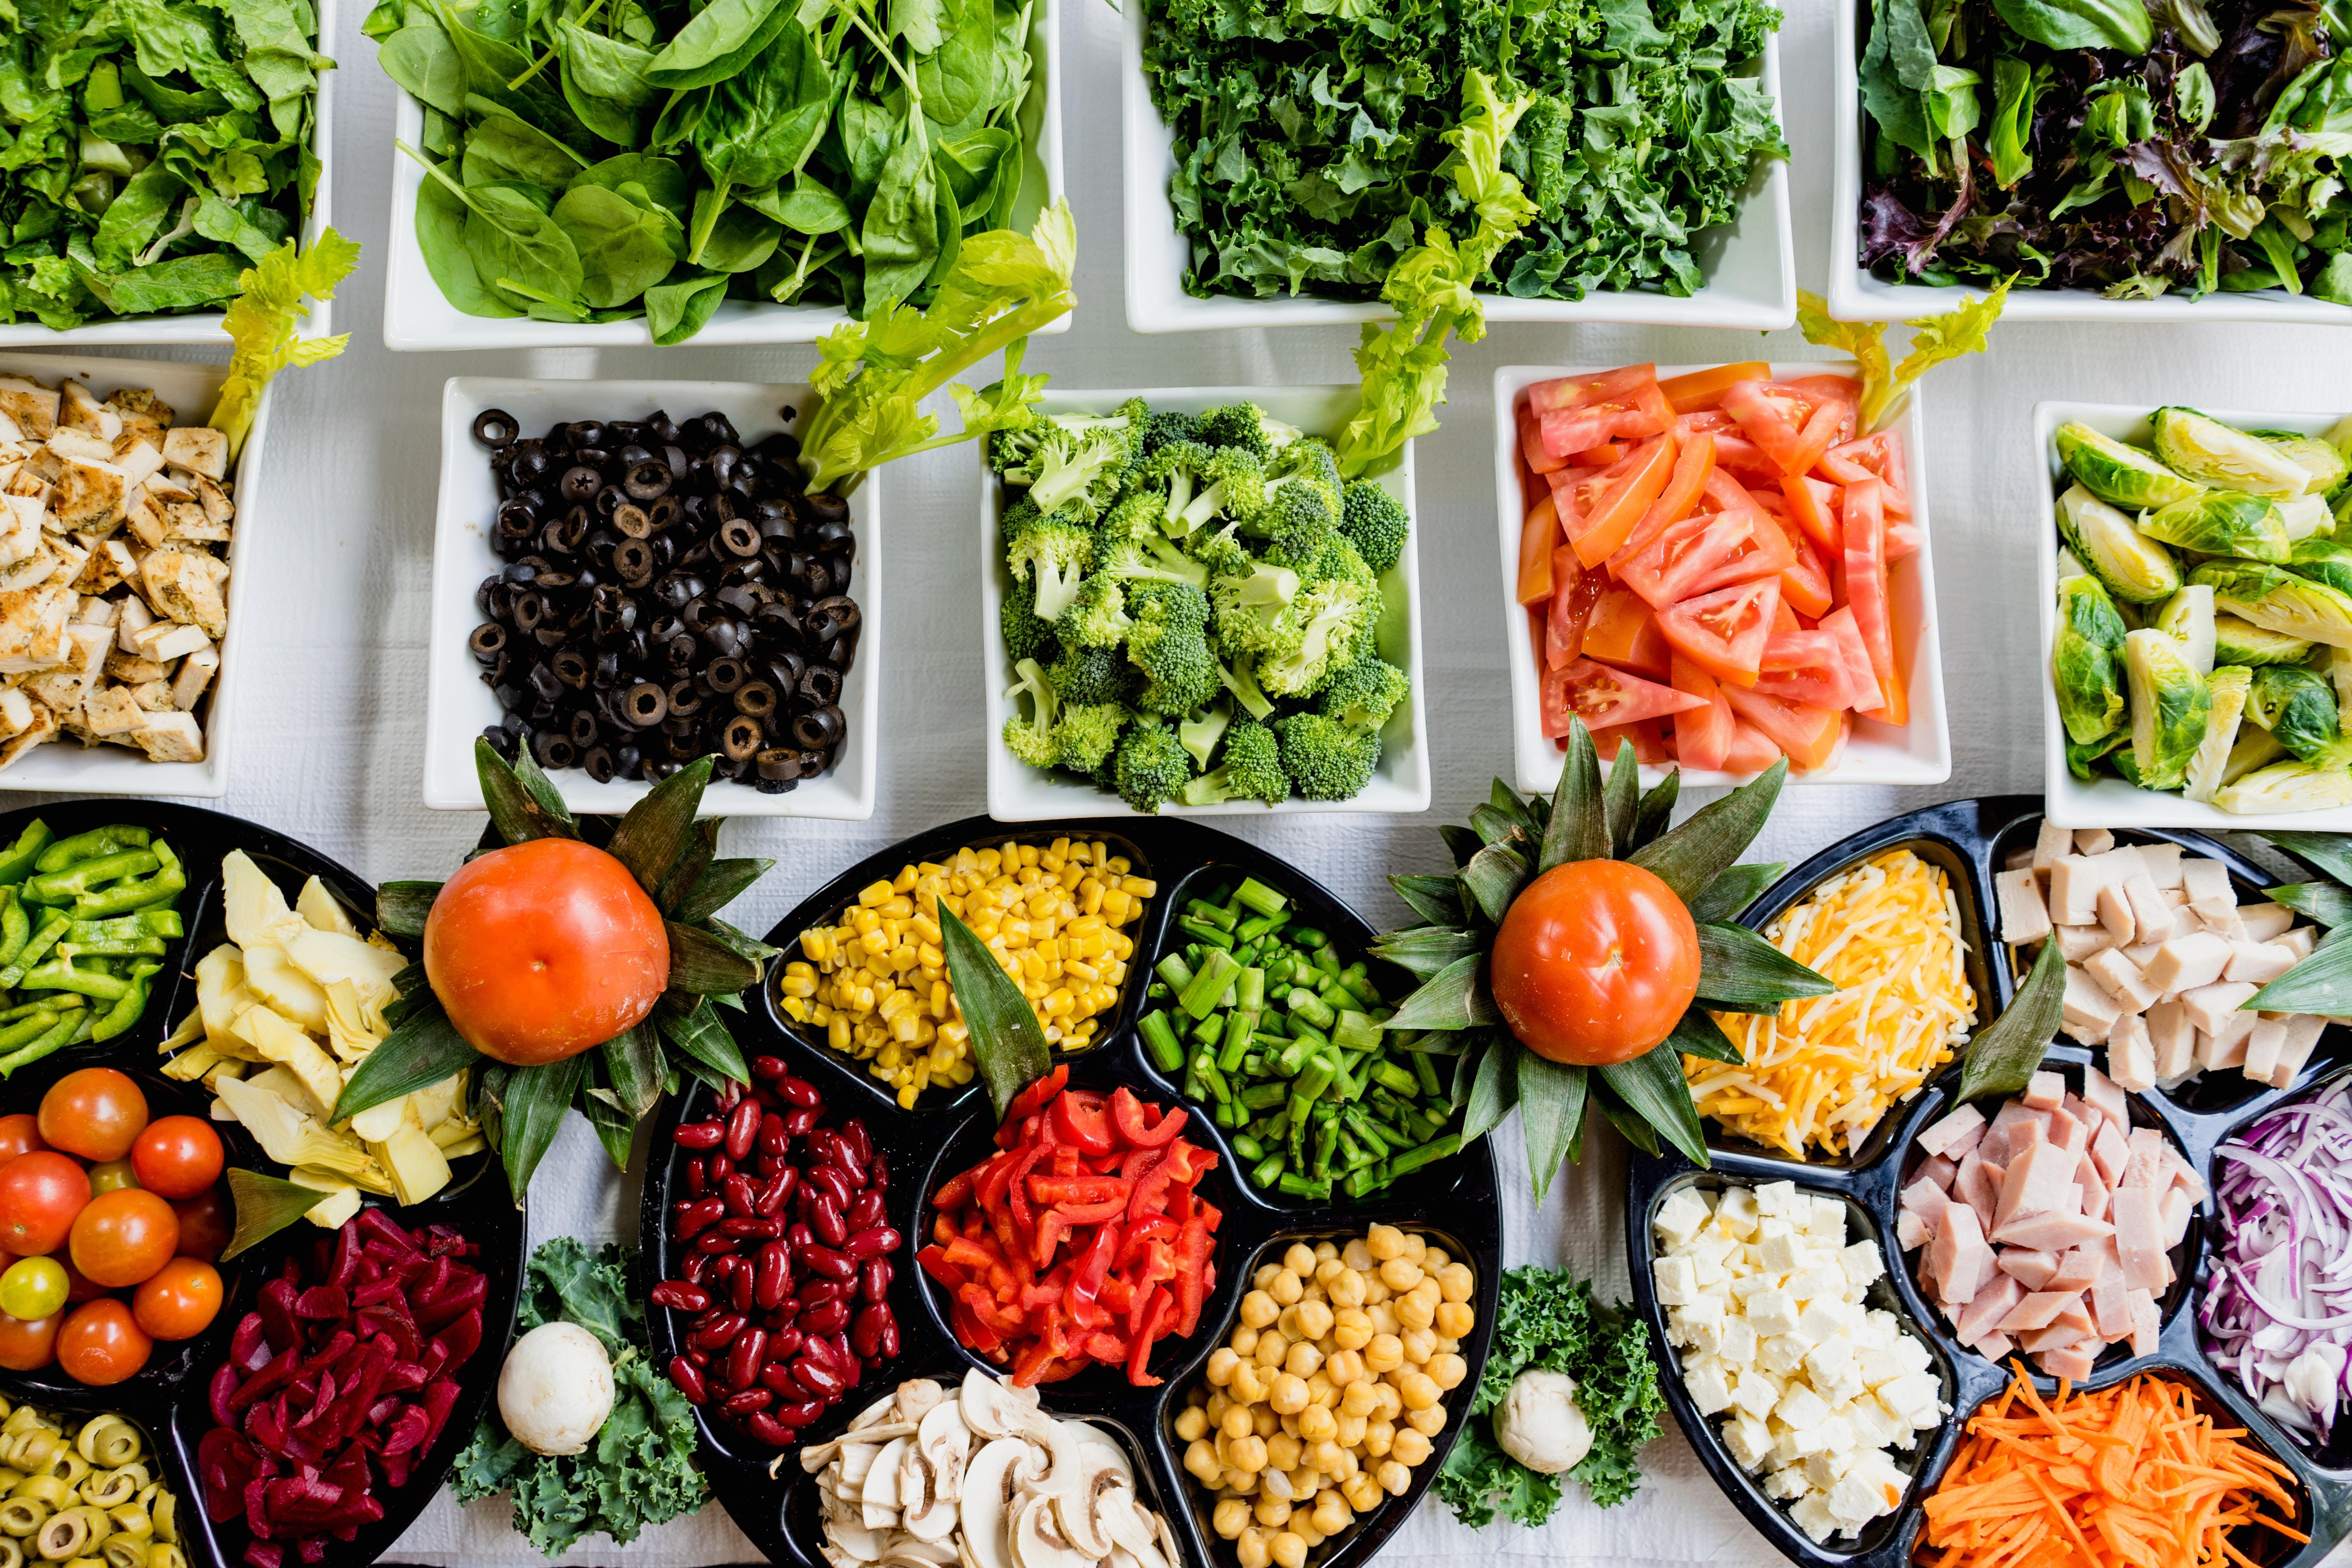 imagem de várias frutas, legumes e verduras sob a mesa - ISO 22000 - Saúde e segurança de alimentos e Segurança Alimentar